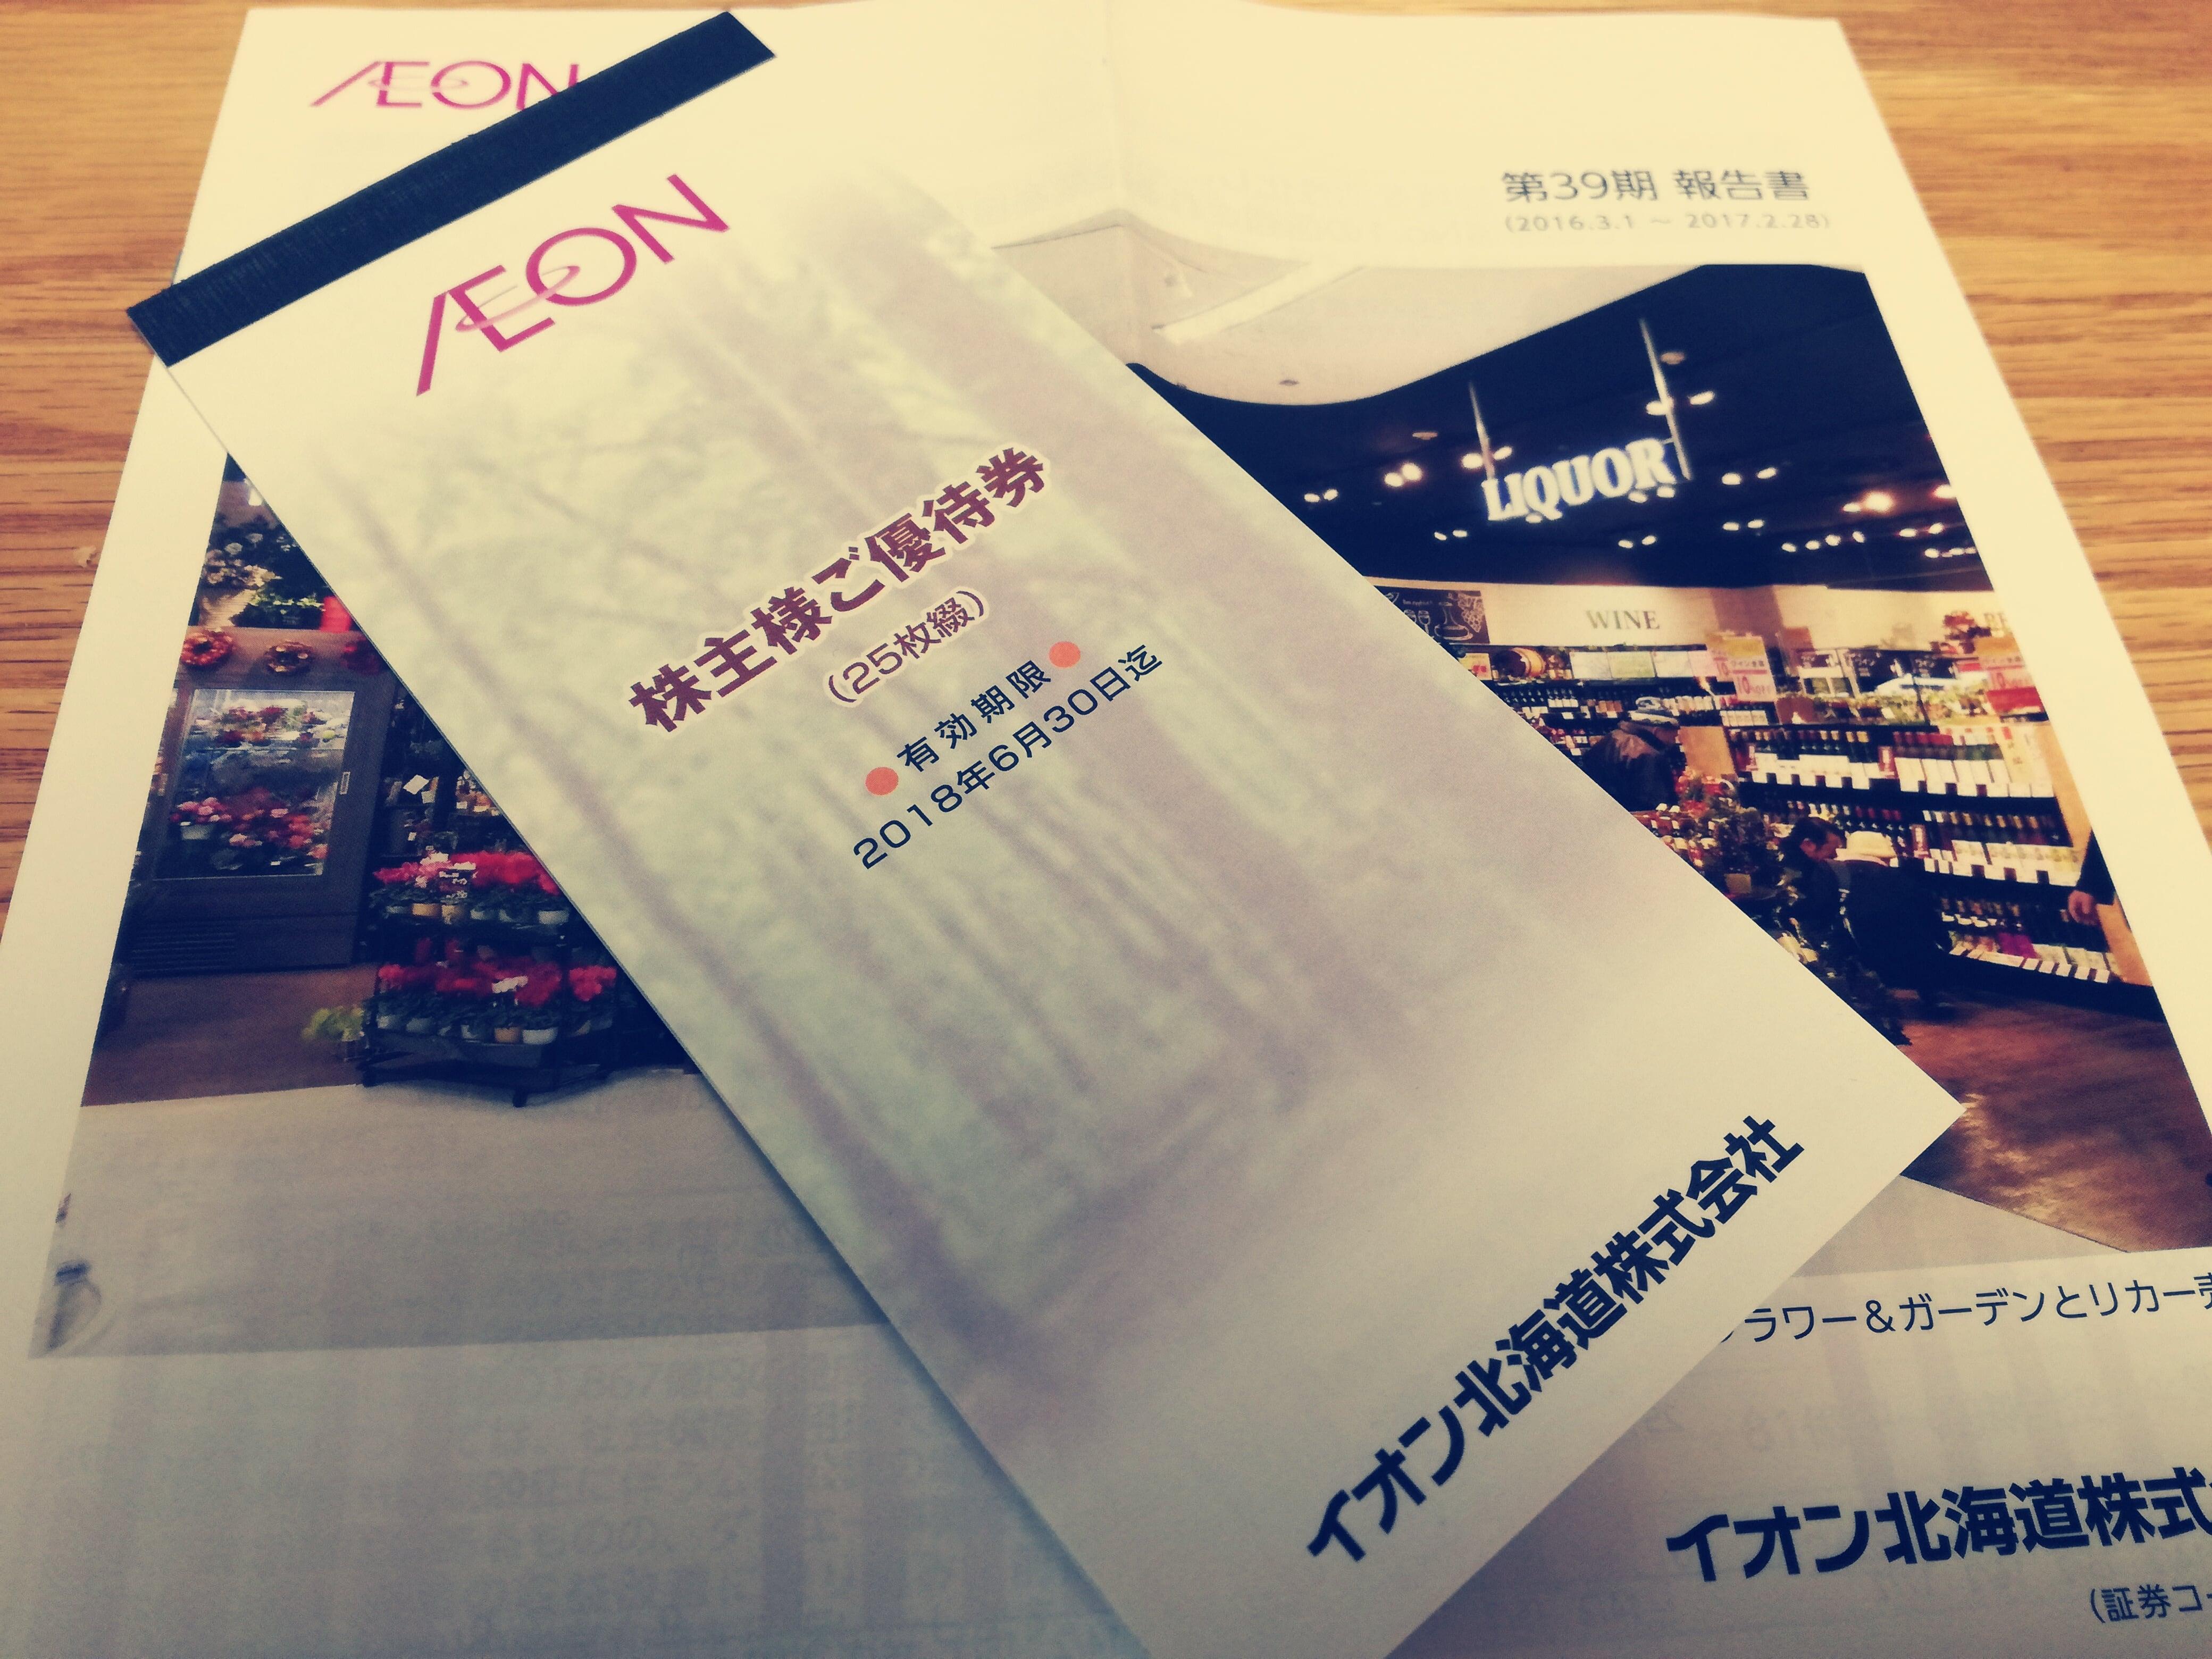 イオン北海道(7512)の株主優待券